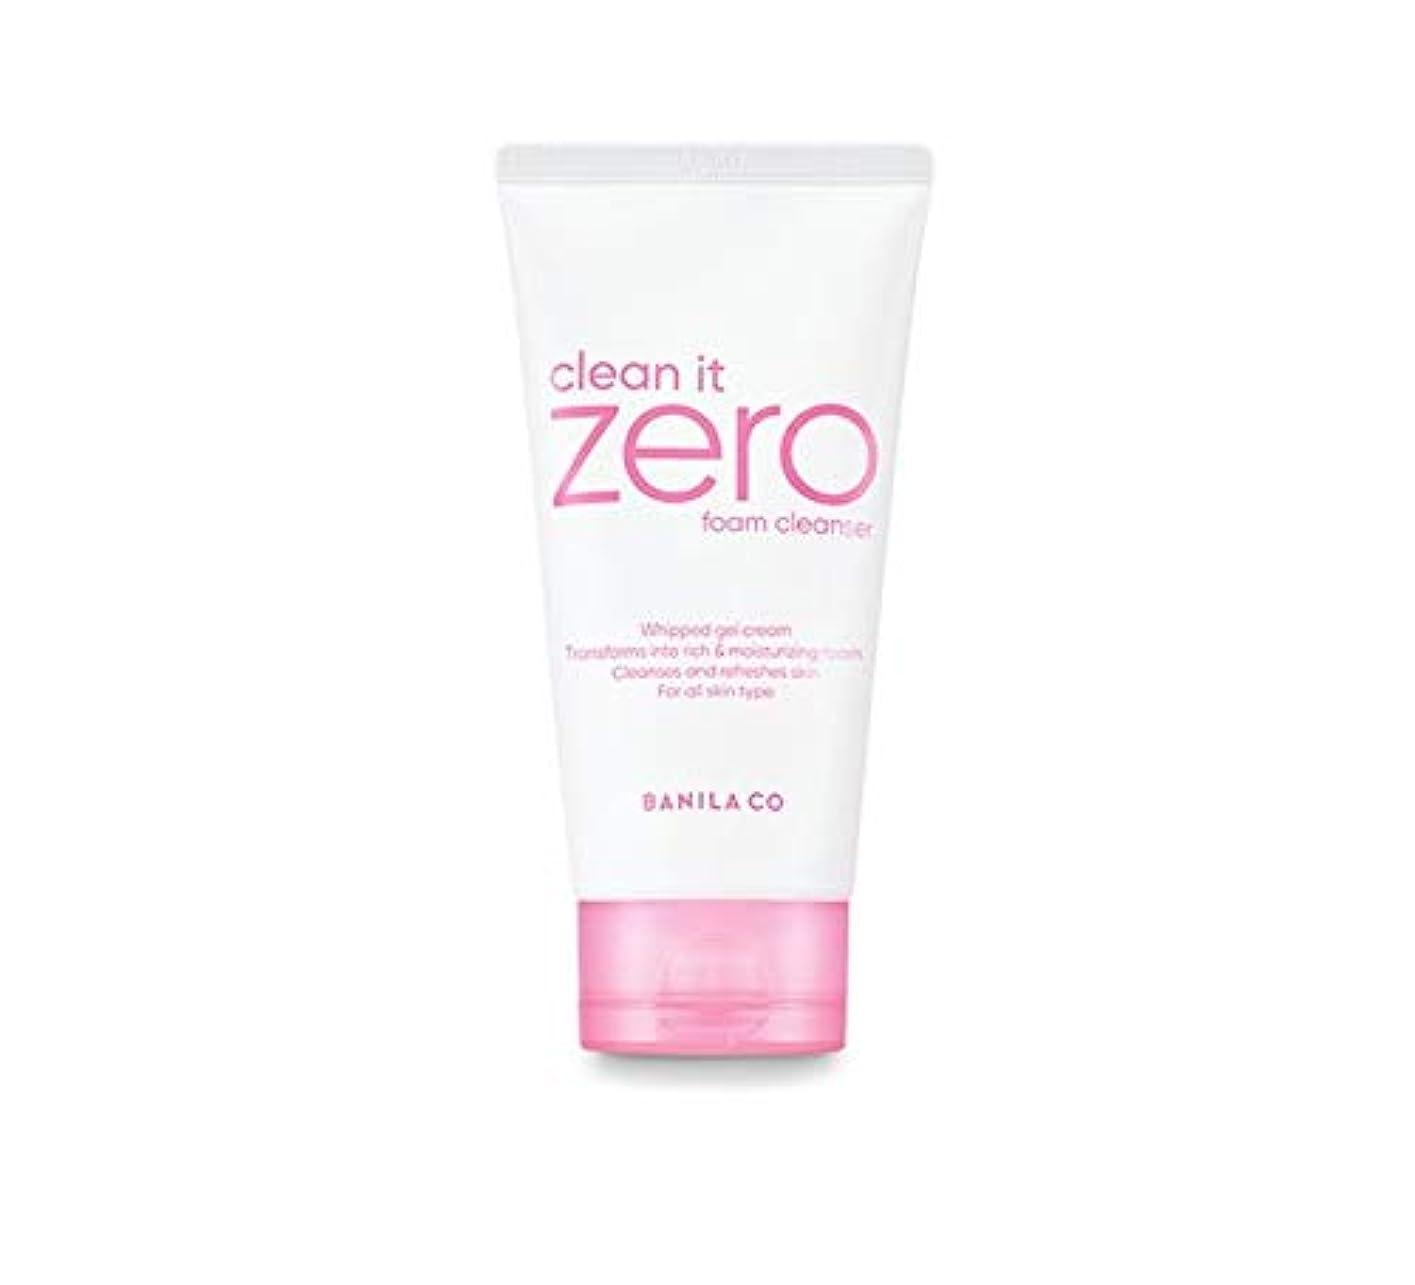 フローティング行う取り扱いbanilaco クリーンイットゼロフォームクレンザー/Clean It Zero Foam Cleanser 150ml [並行輸入品]